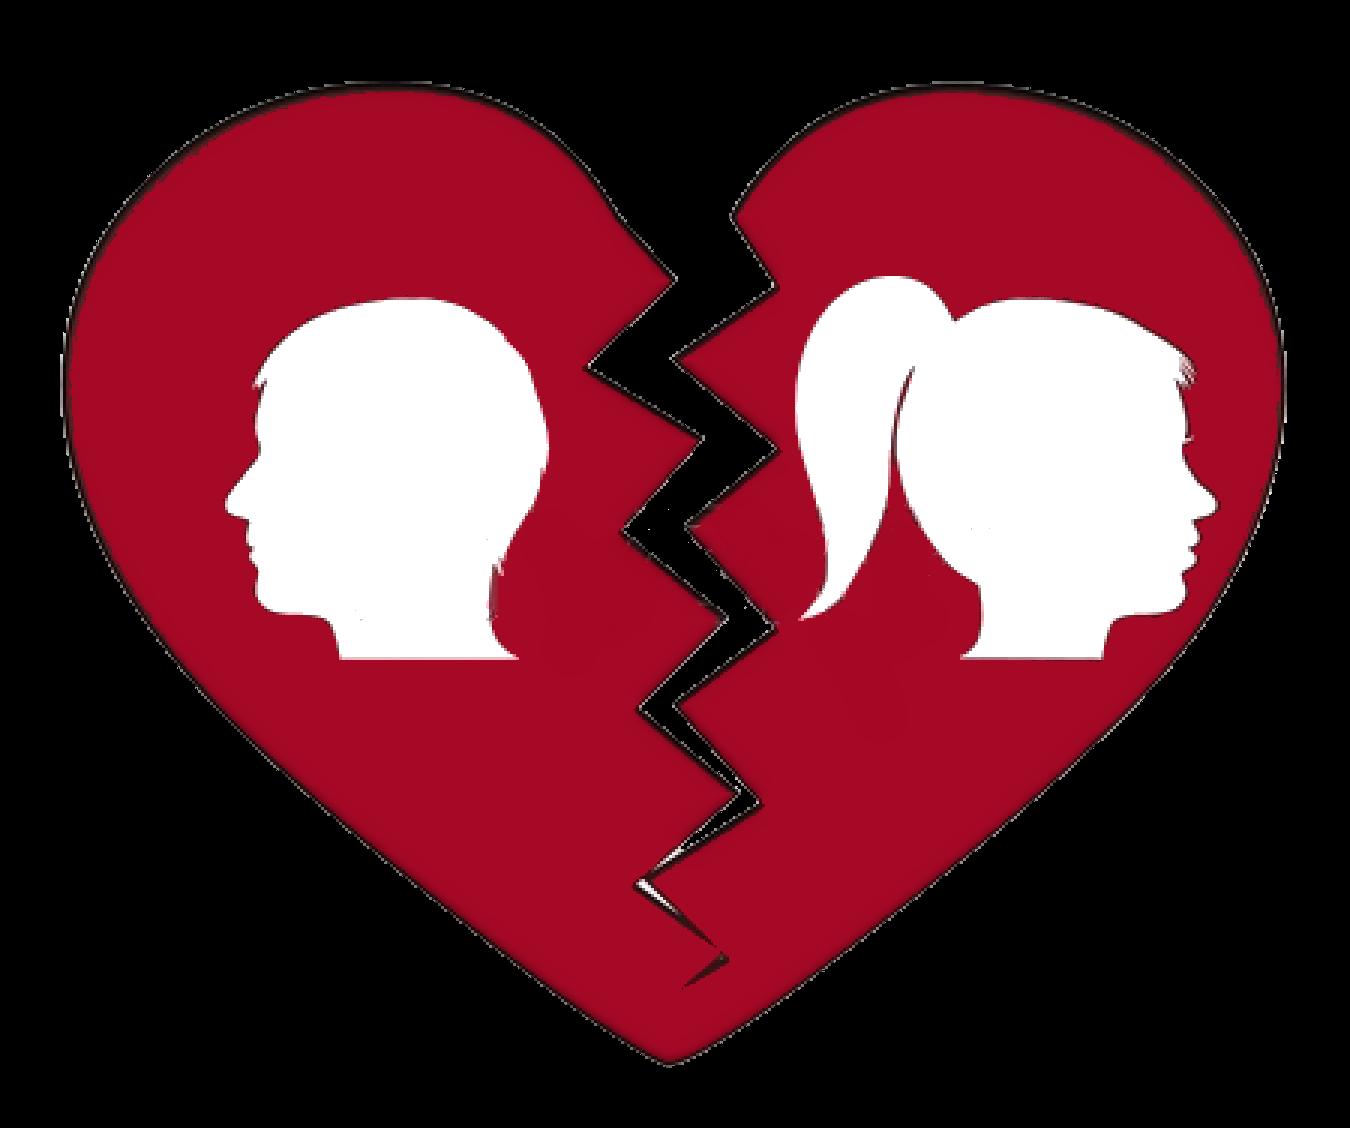 Cabaran 30 Hari | Hari 5 : 3 Perkara Yang Anda Ingin Katakan Kepada Bekas Kekasih